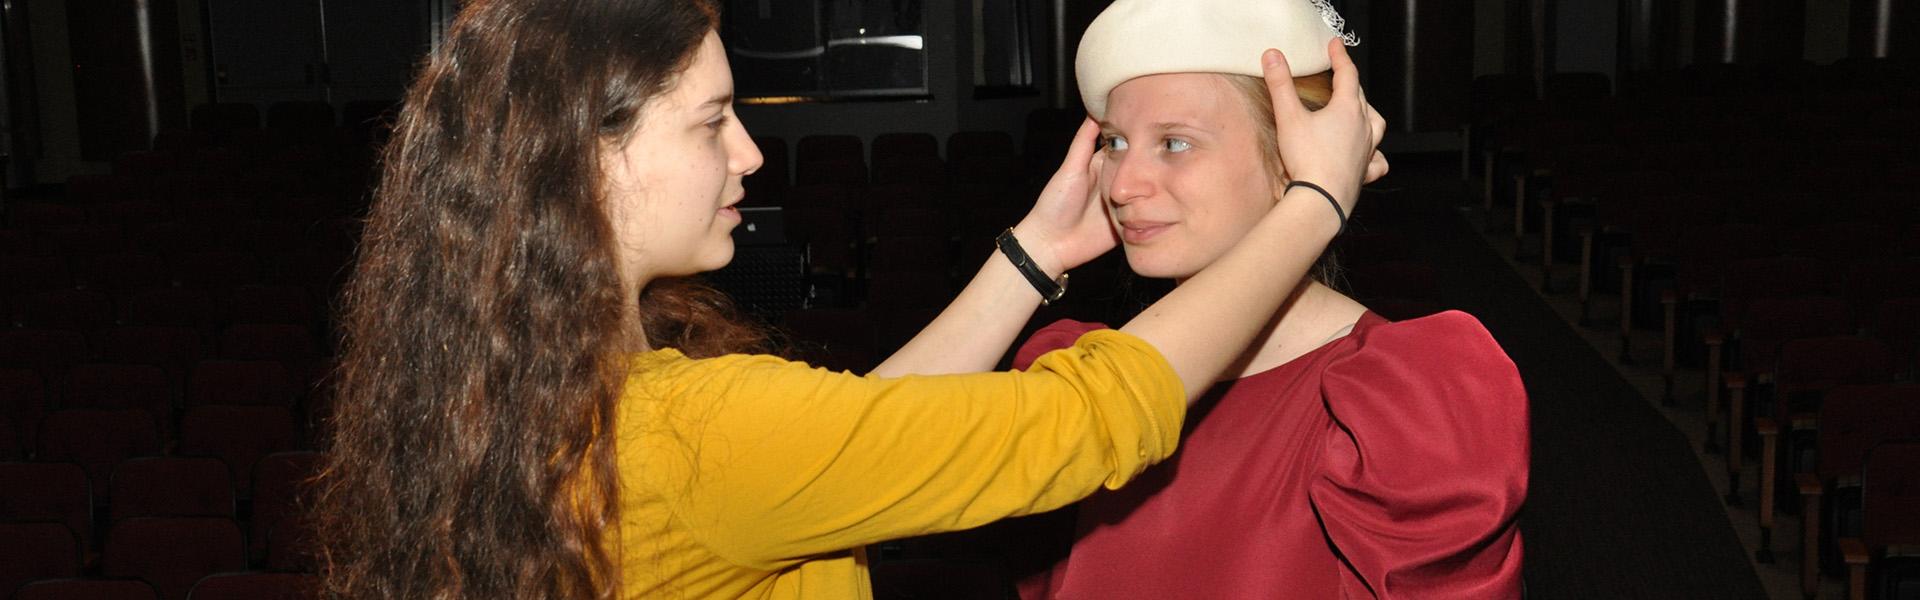 Cours de Théâtre, essayage des costumes